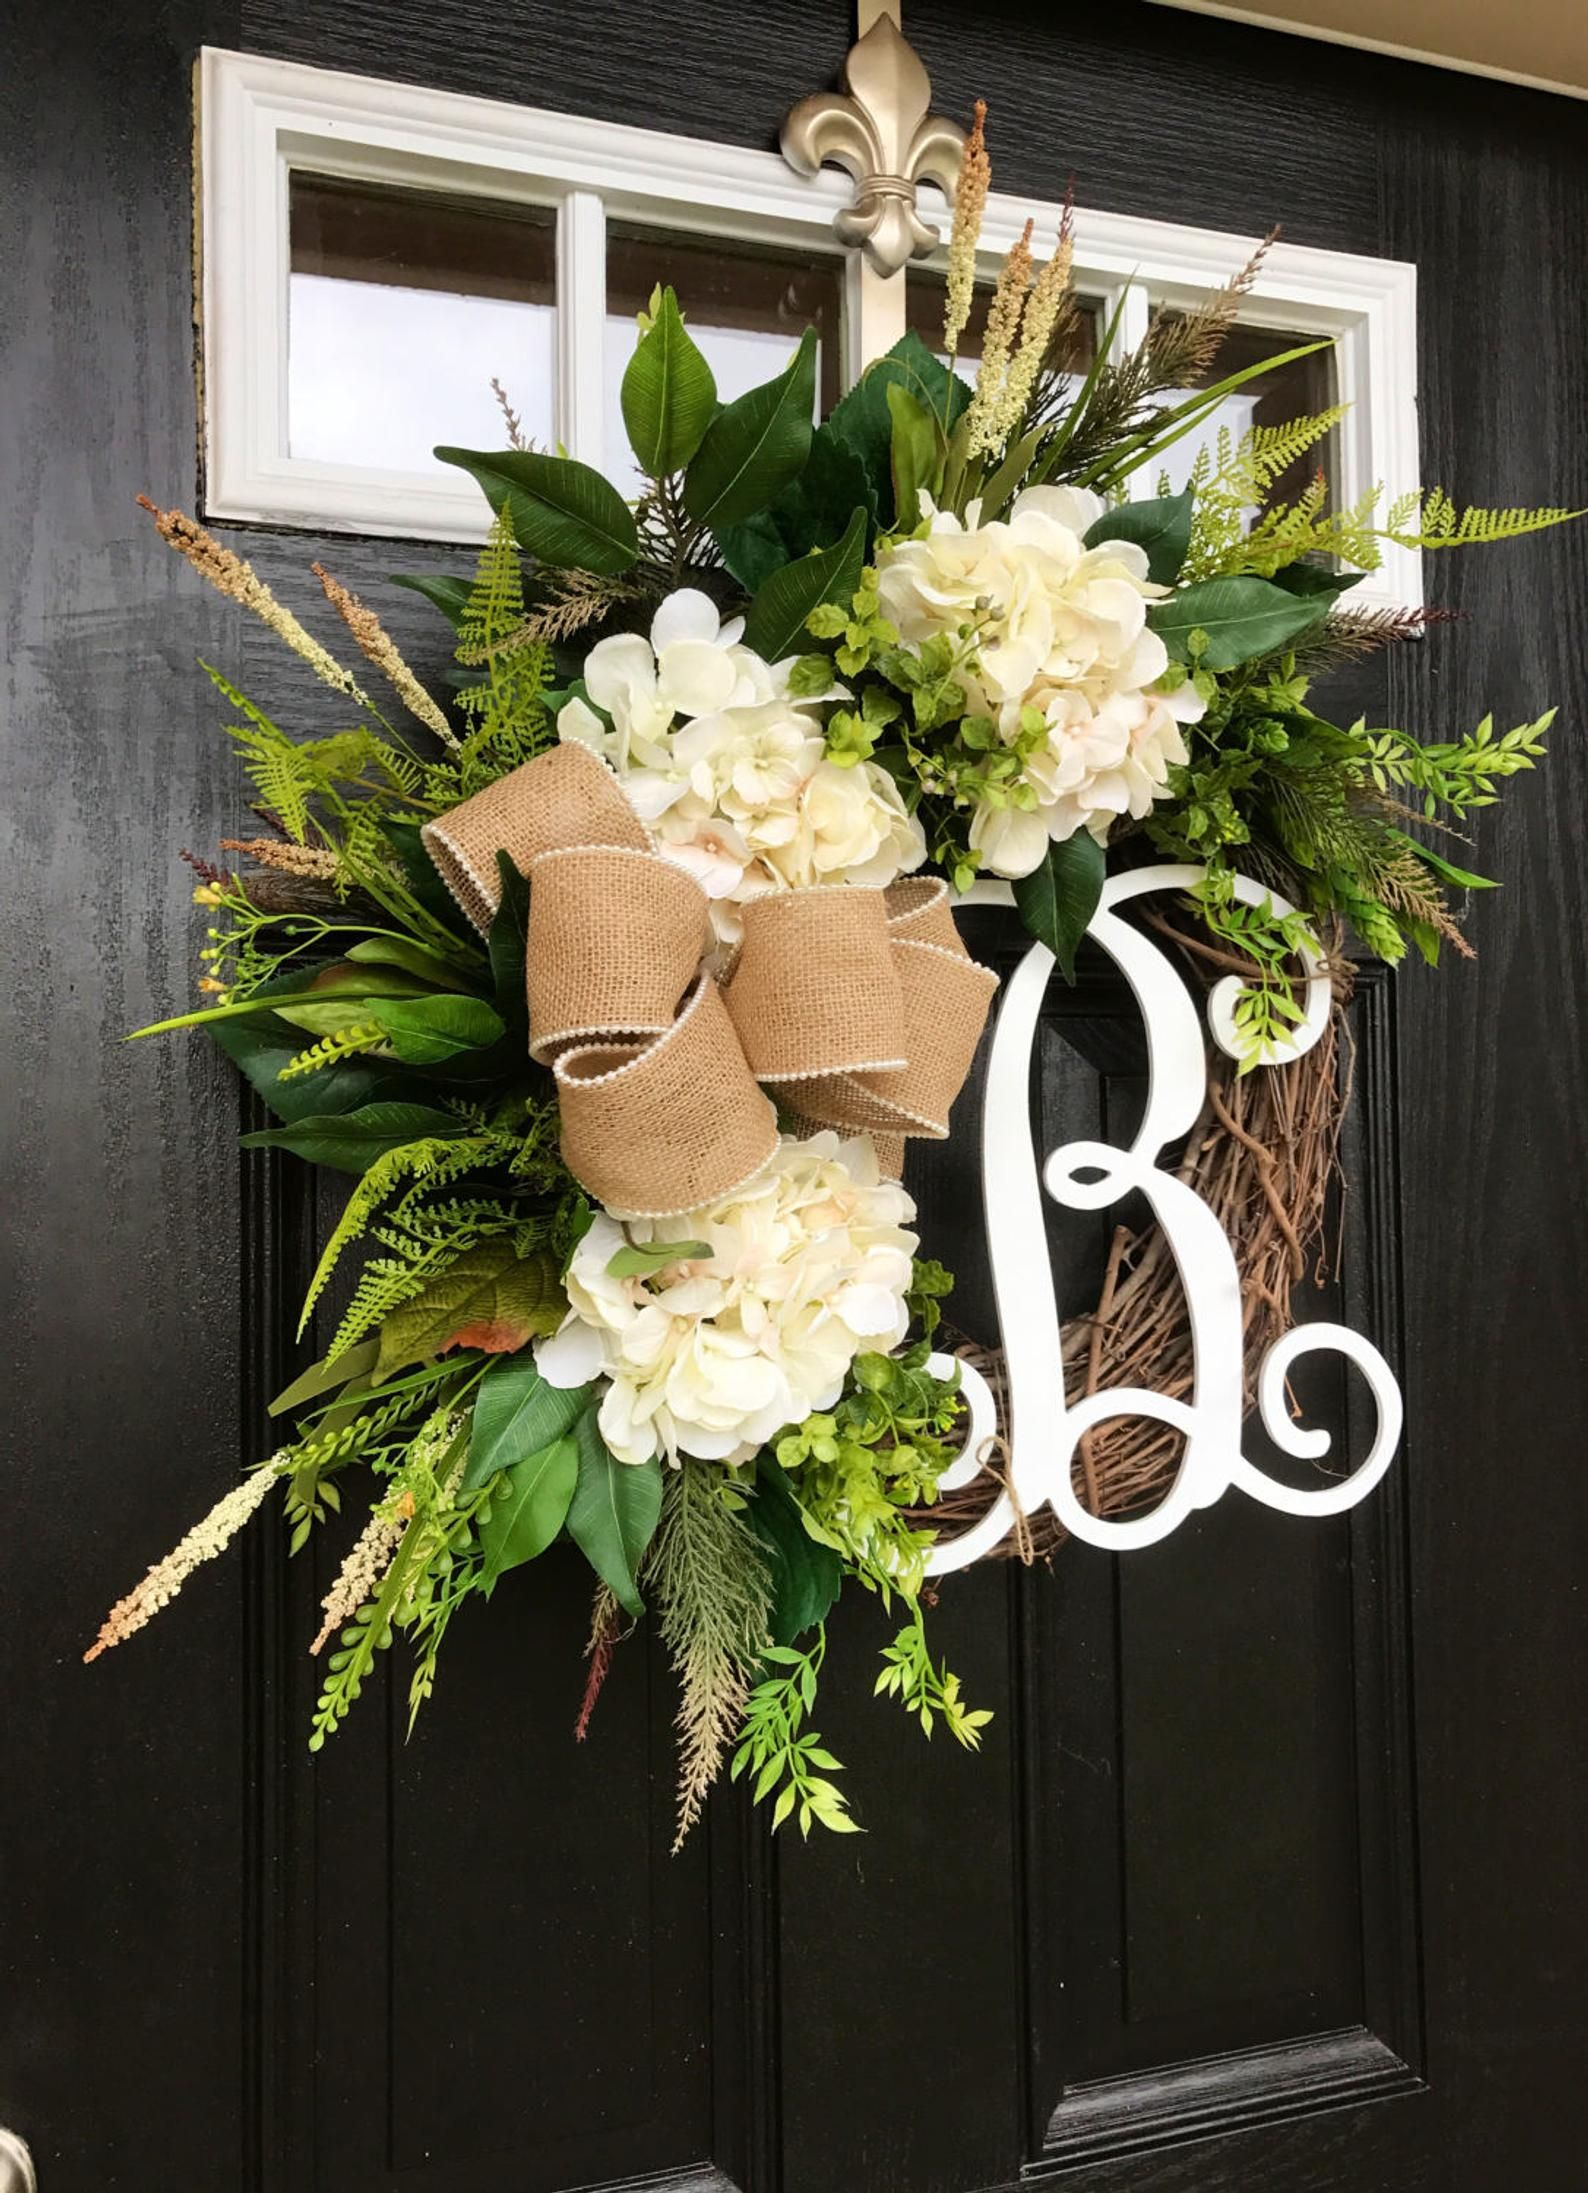 BEST SELLER! Spring Wreaths for Front Door, Front Door